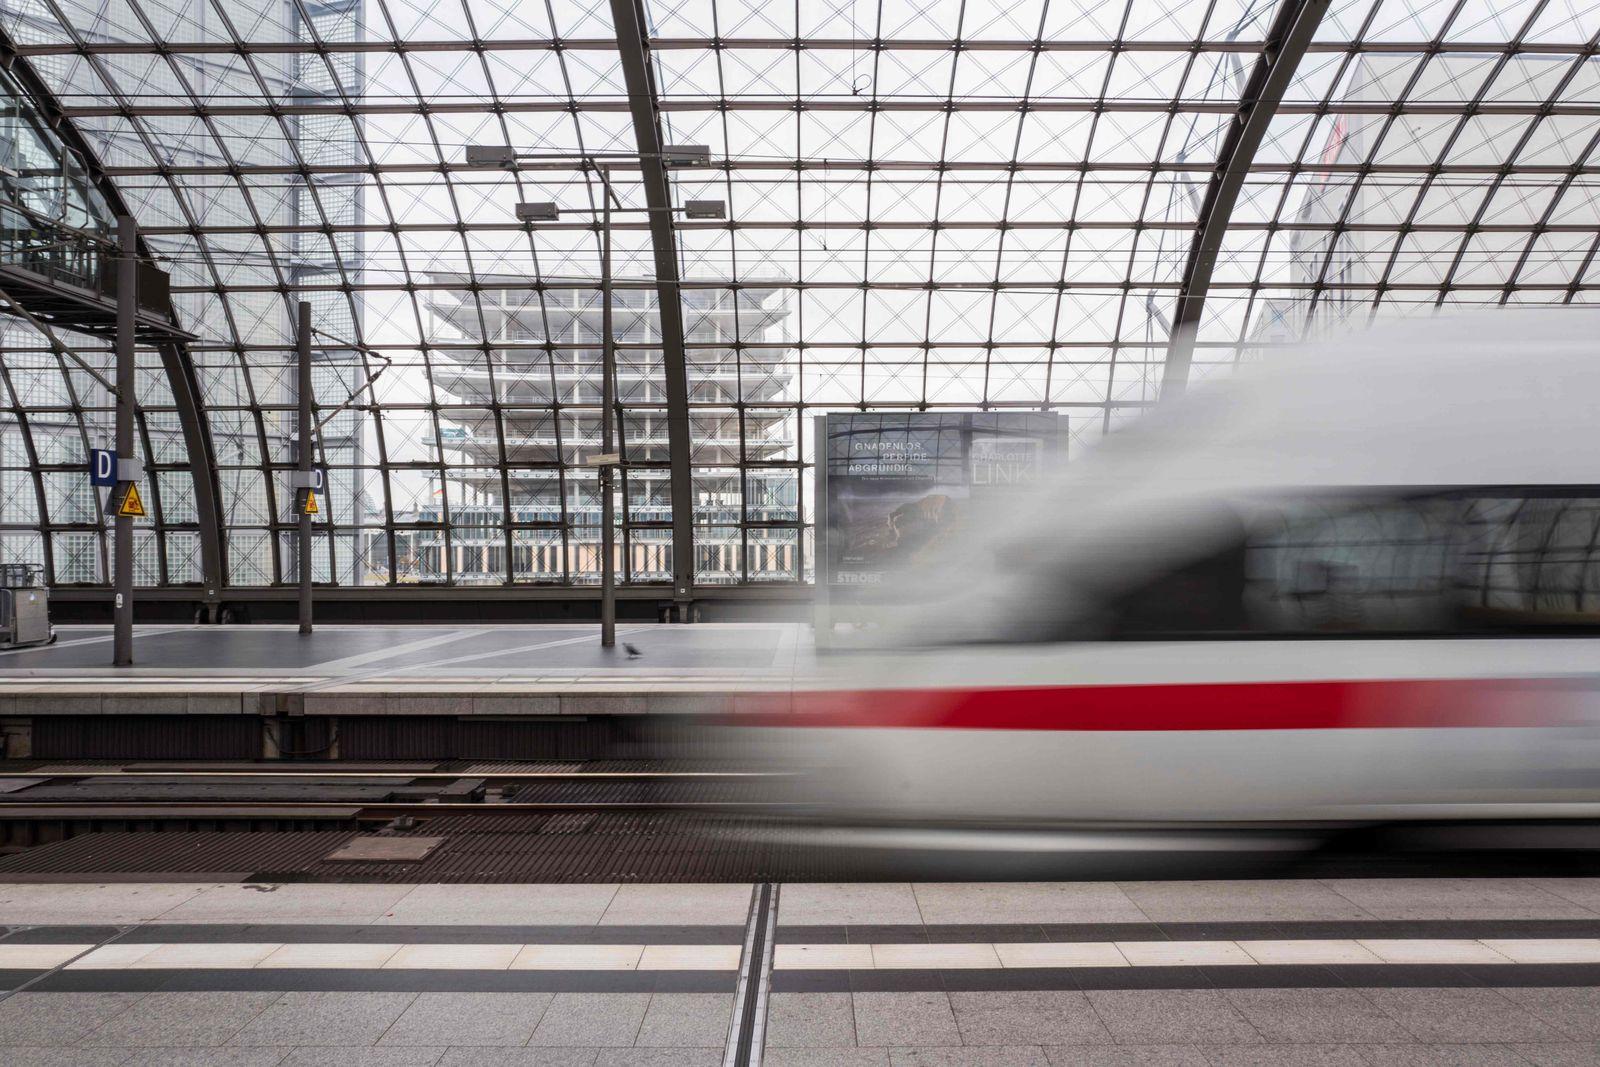 GERMANY-RAILWAY-DEUTSCHE BAHN